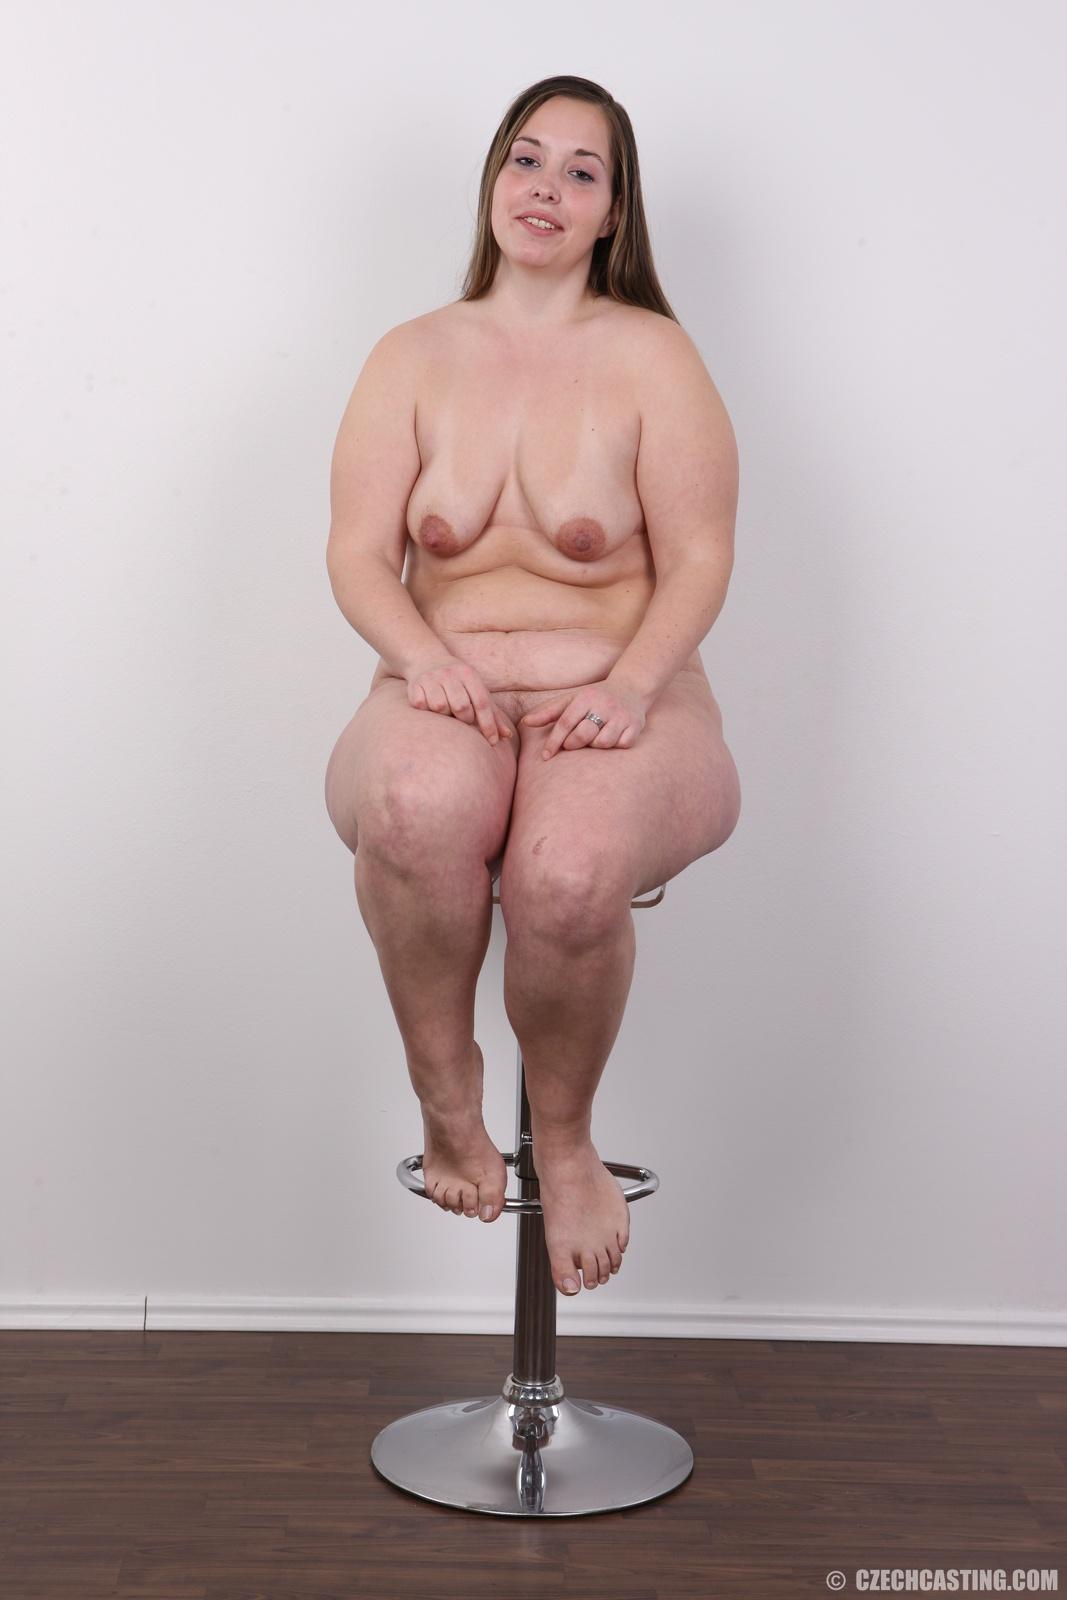 толстая на кастинге онлайн так можете посмотреть